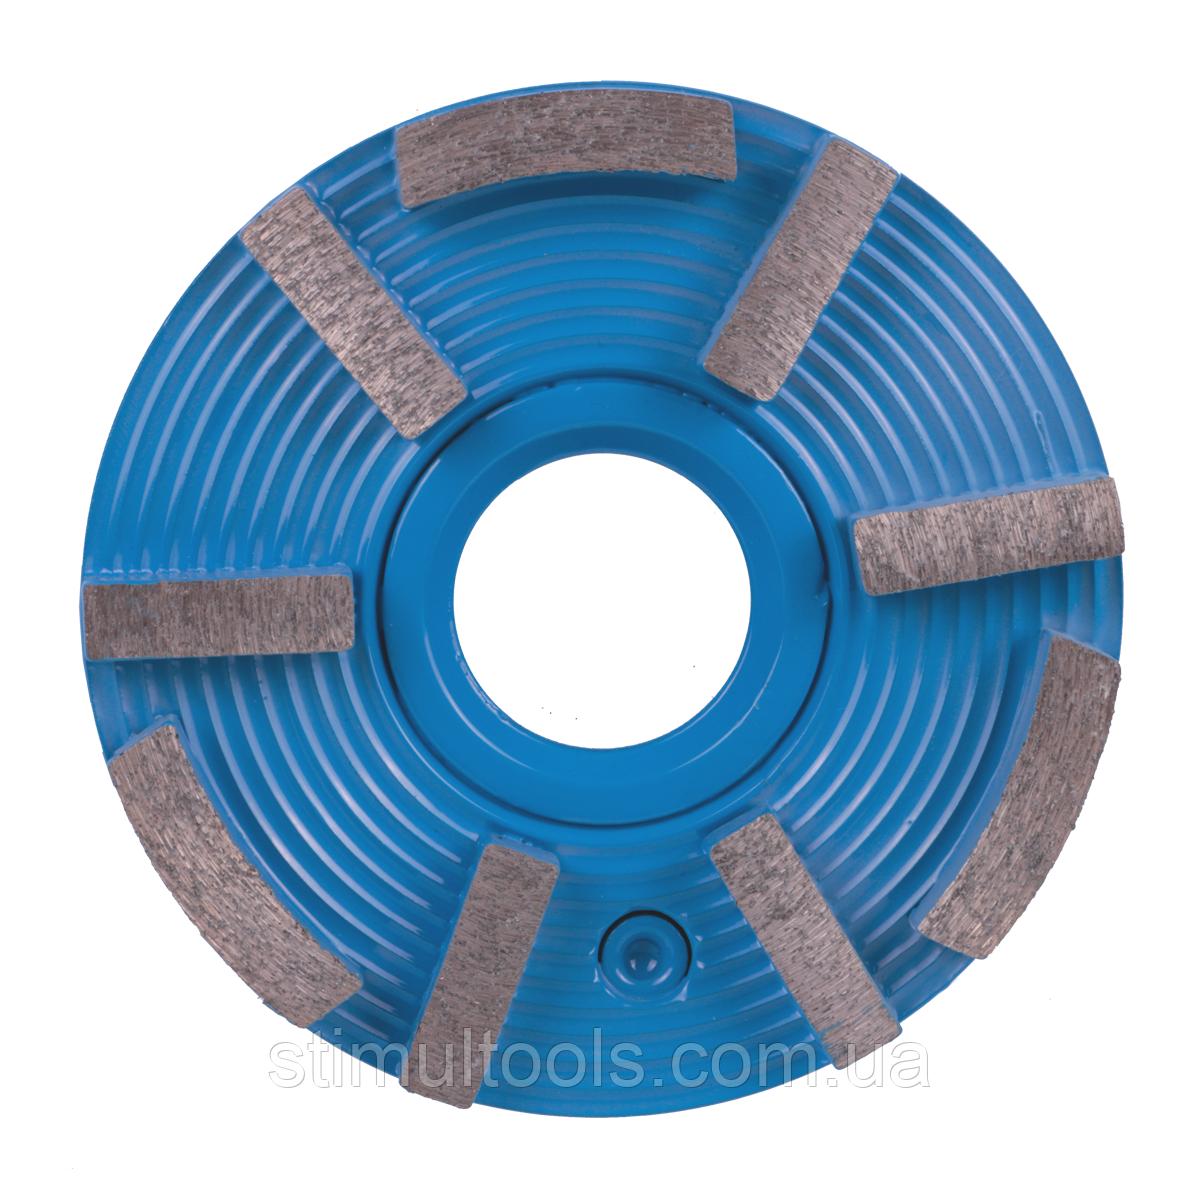 Алмазная фреза Distar для шлифовки полов GS-W 95/МШМ-9 №2/50 (6 штук)